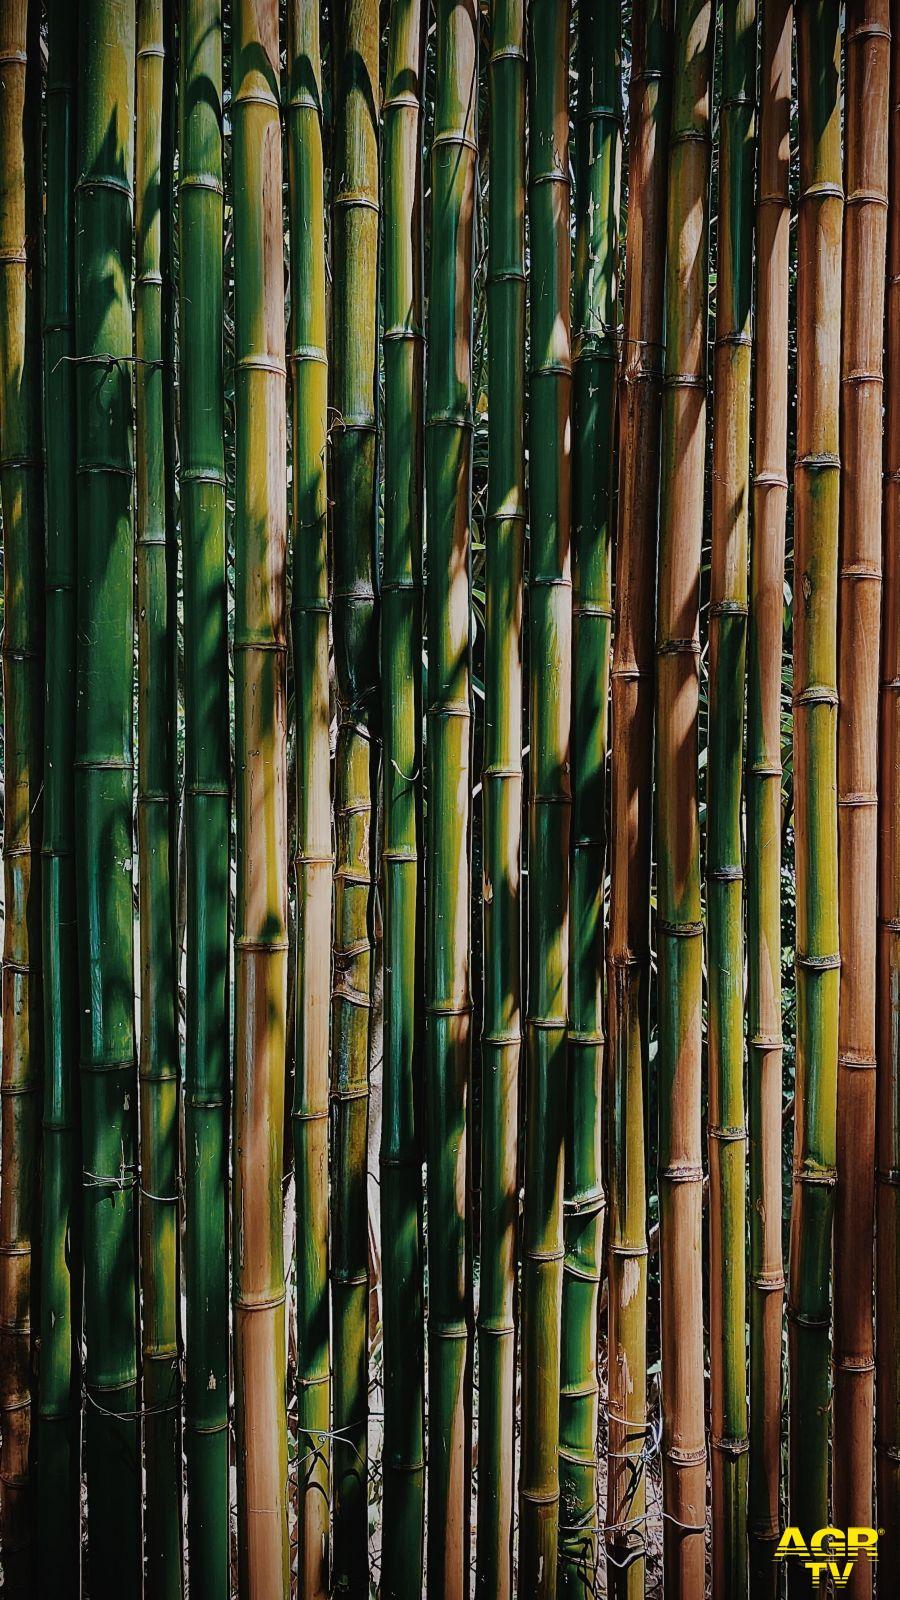 Il bambù gigante alleato dell'ambiente: un ettaro compensa le emissioni annuali di CO2 di circa 40 persone